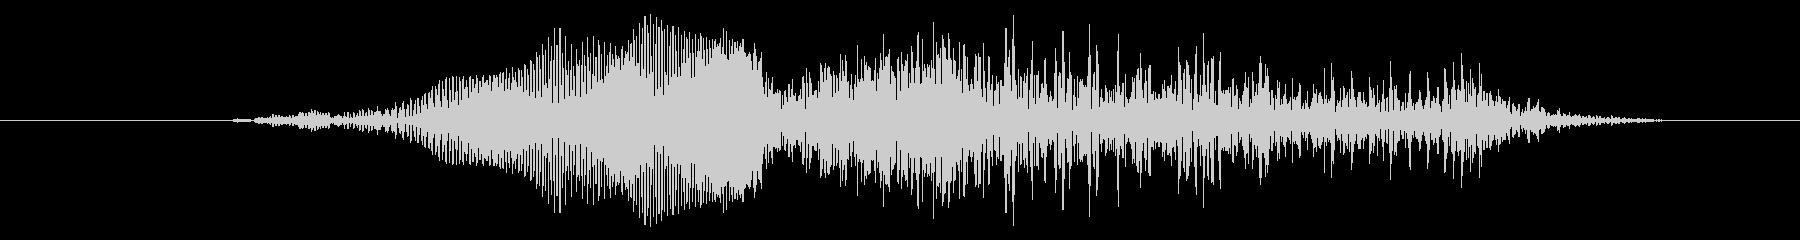 鳴き声 男性の叫びヒットヘビー05の未再生の波形